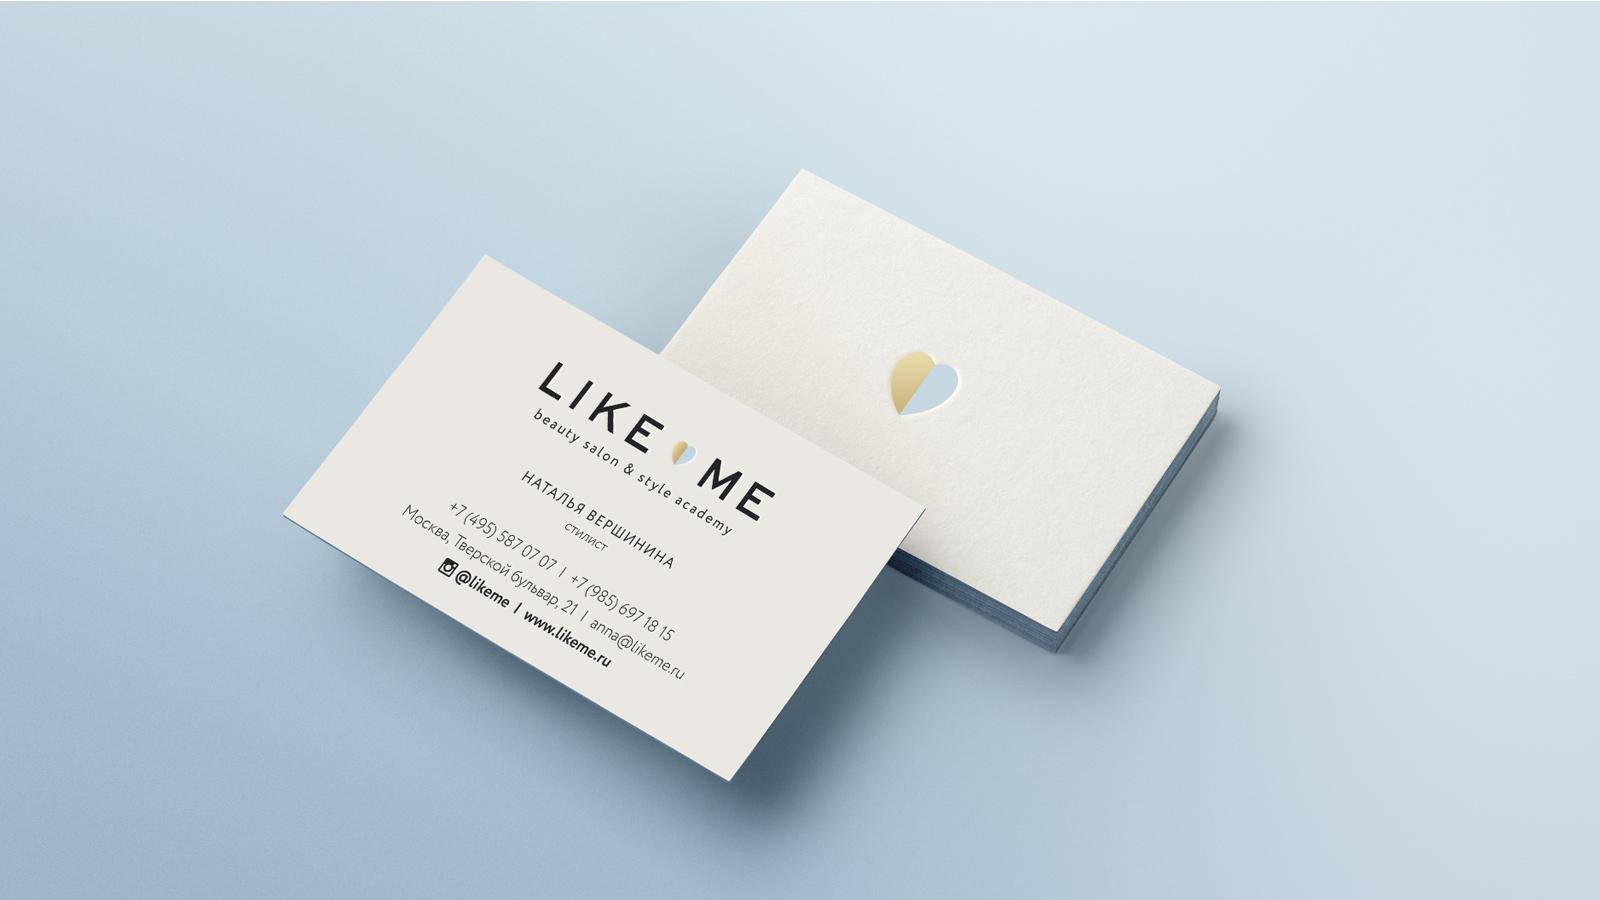 Визитки салона красоты Like Me —один из базовых носителей фирменного стиля.